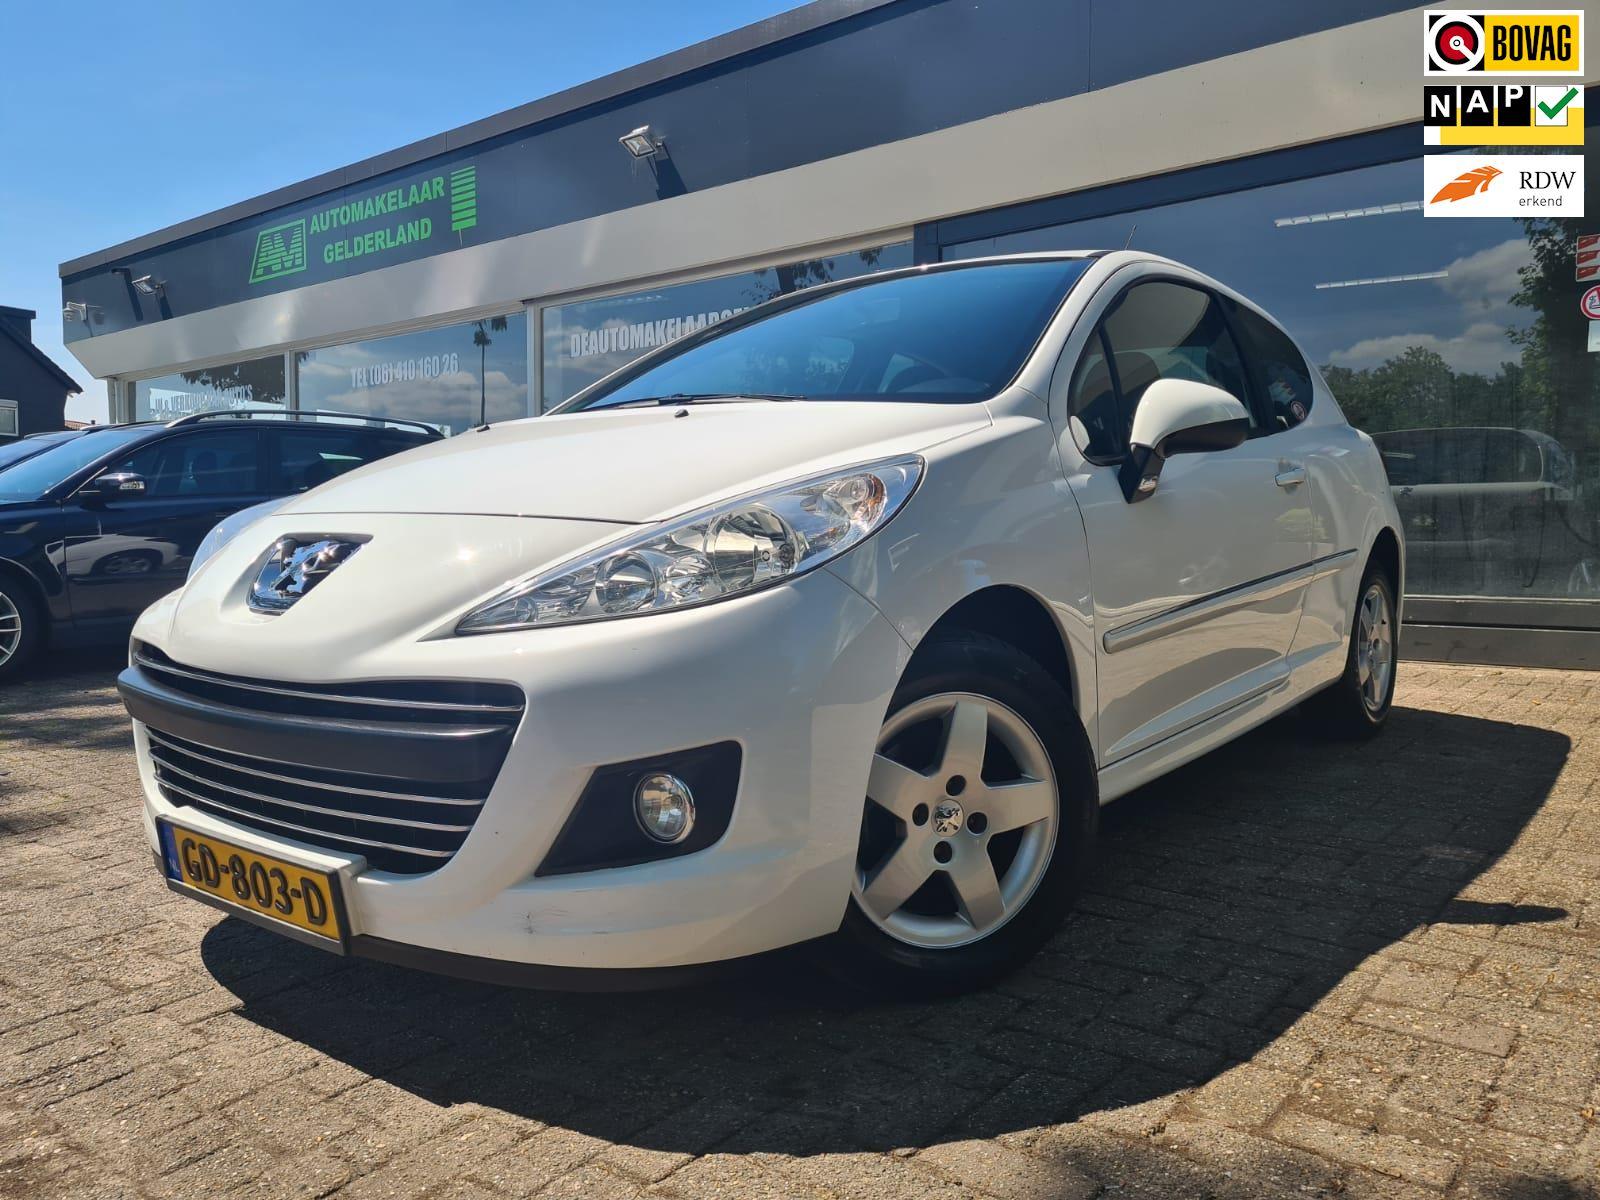 Peugeot 207 occasion - De Automakelaar Gelderland